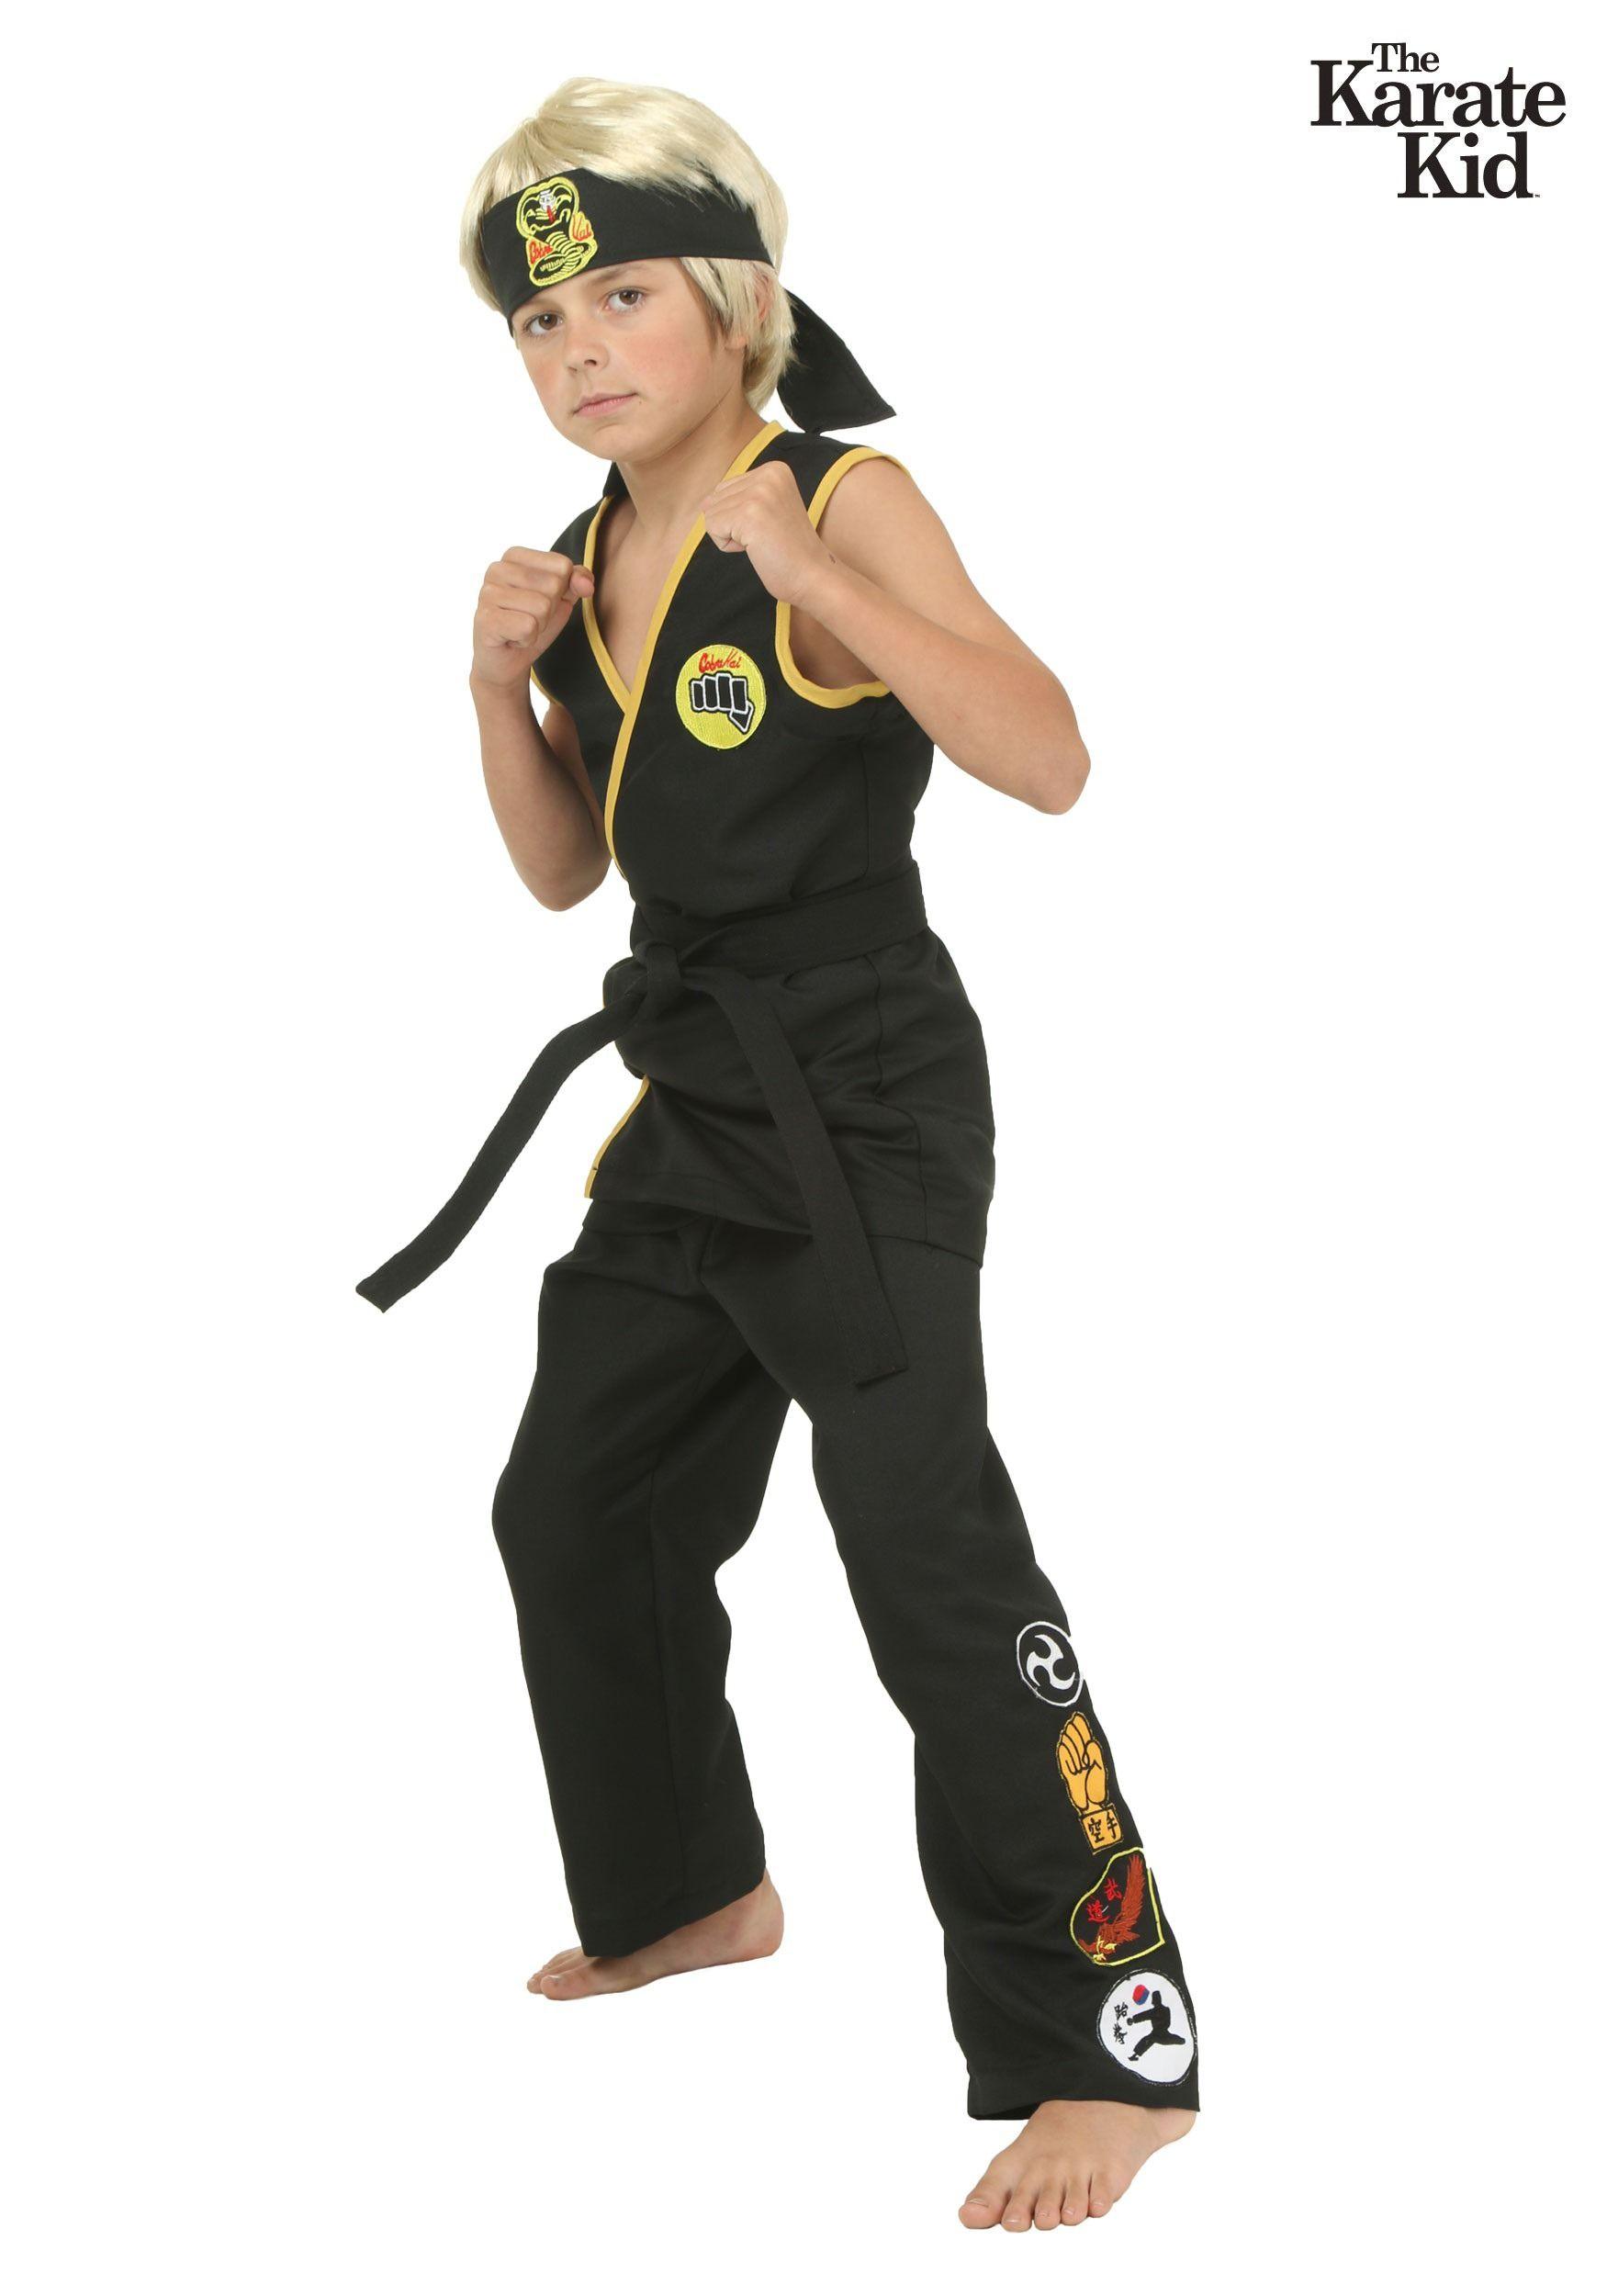 Child Cobra Kai Costume Karate kid costume, Karate kid